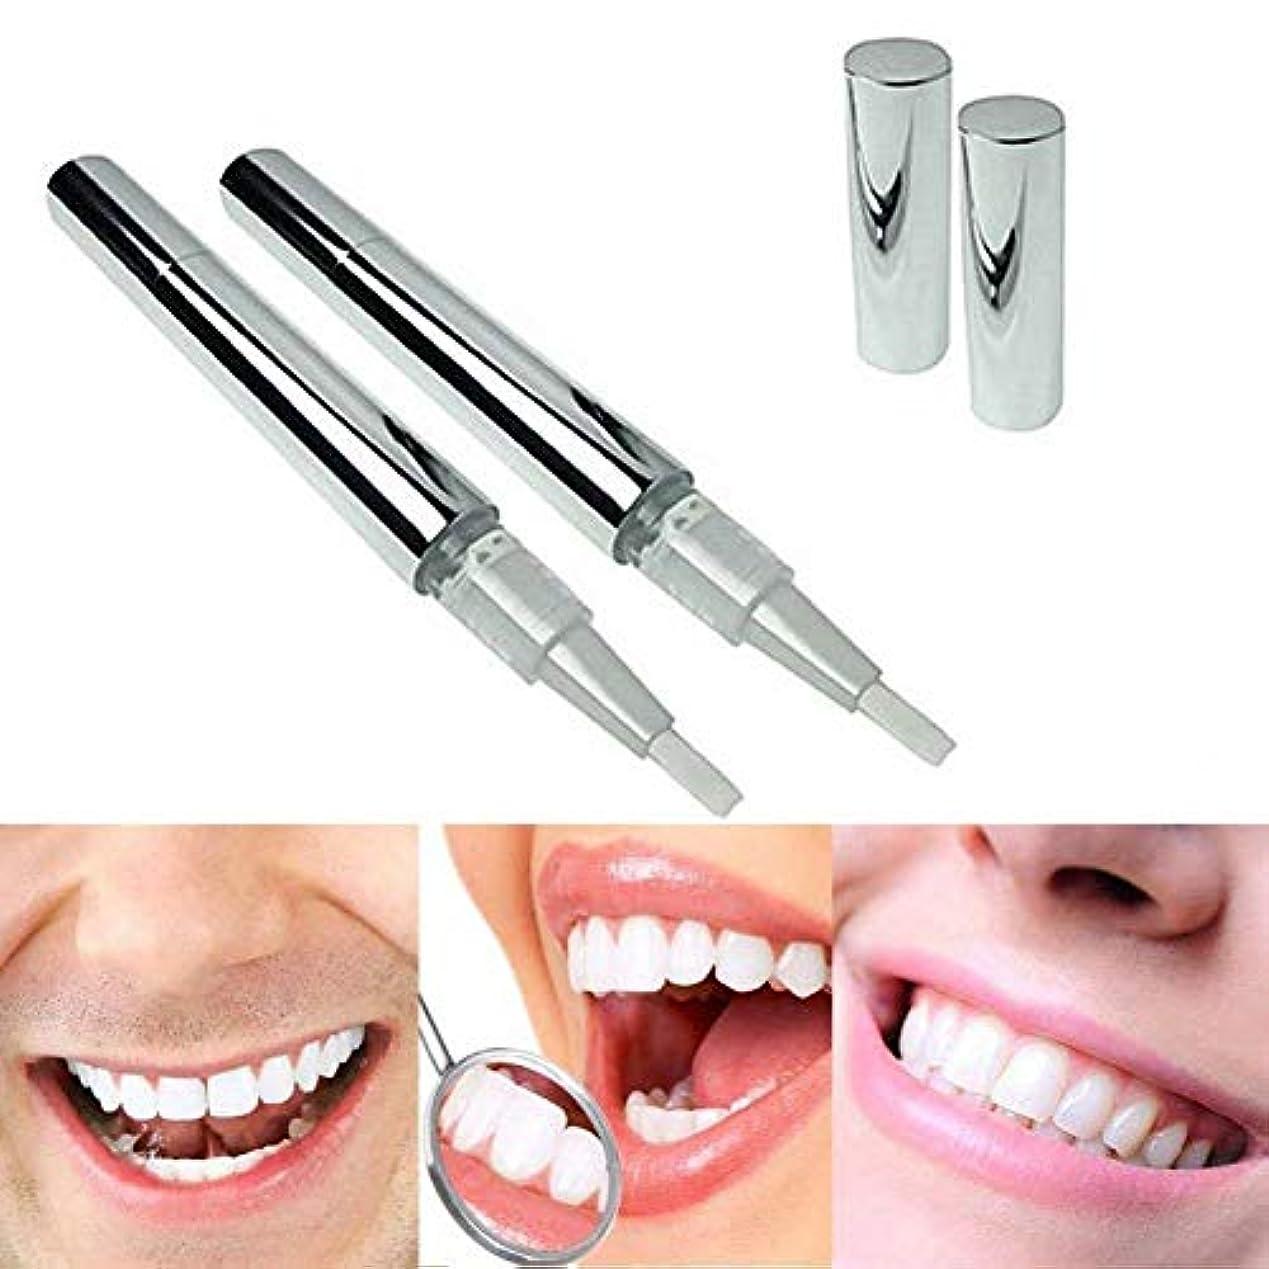 鼻きれいに哲学博士Odette 美白歯ゲル 歯 ホワイトニングペン ホワイトニングペン 歯ブラシ 輝く笑顔 口臭防止 歯周病防止 2本 (01)